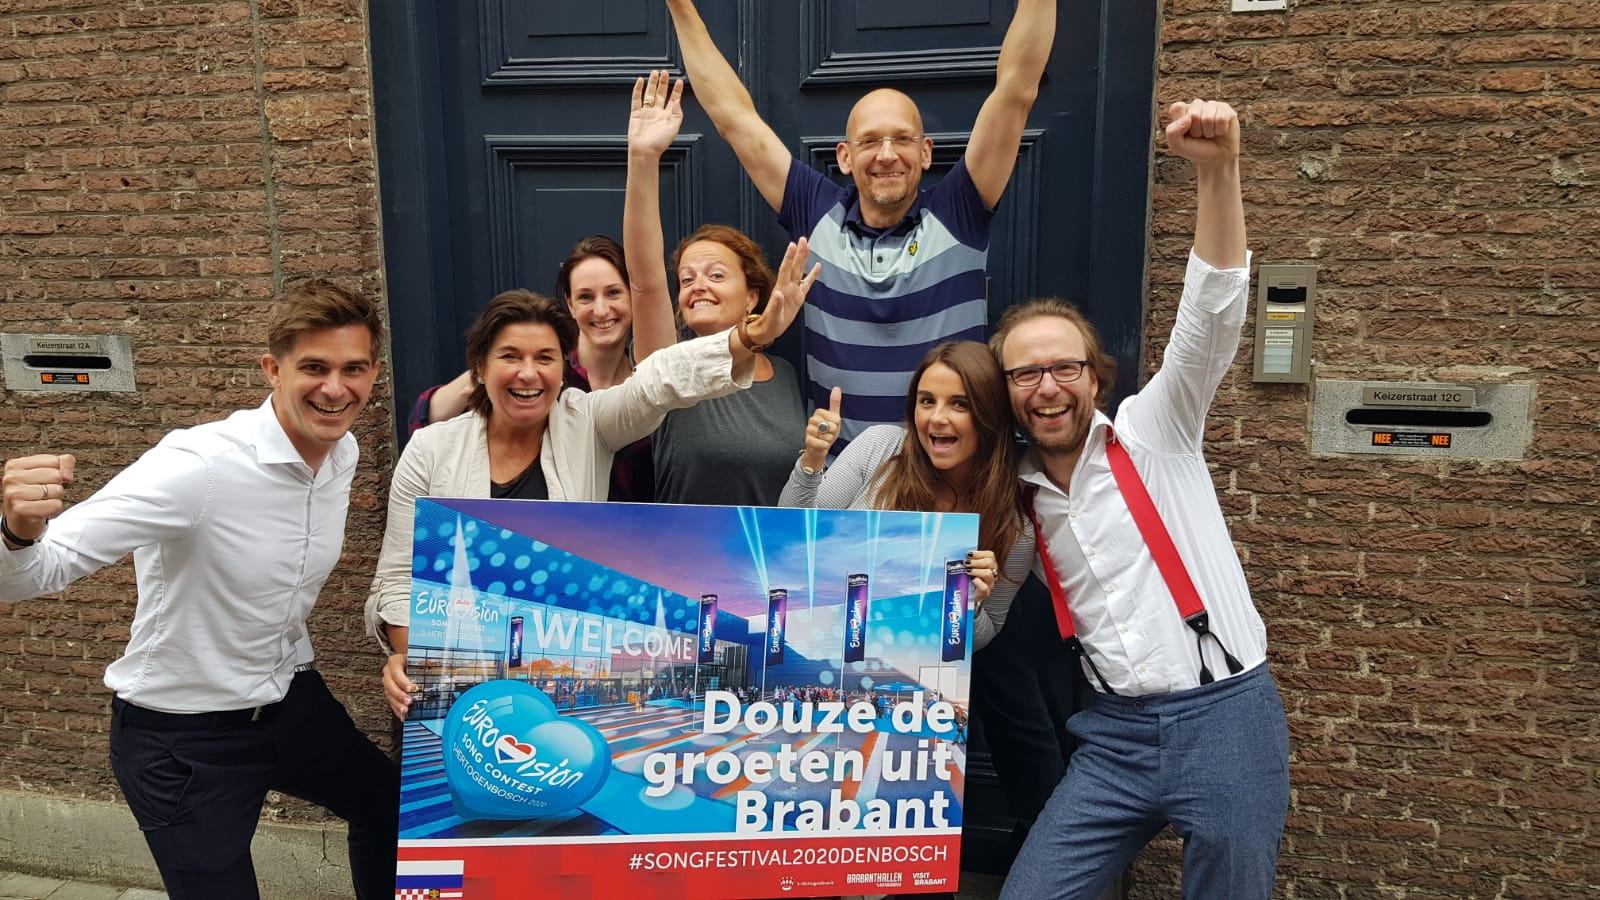 Huibert Wilschut (rechts) met het team van Artishock events & markteting dat betrokken was bij het bidbook voor het Songfestival.